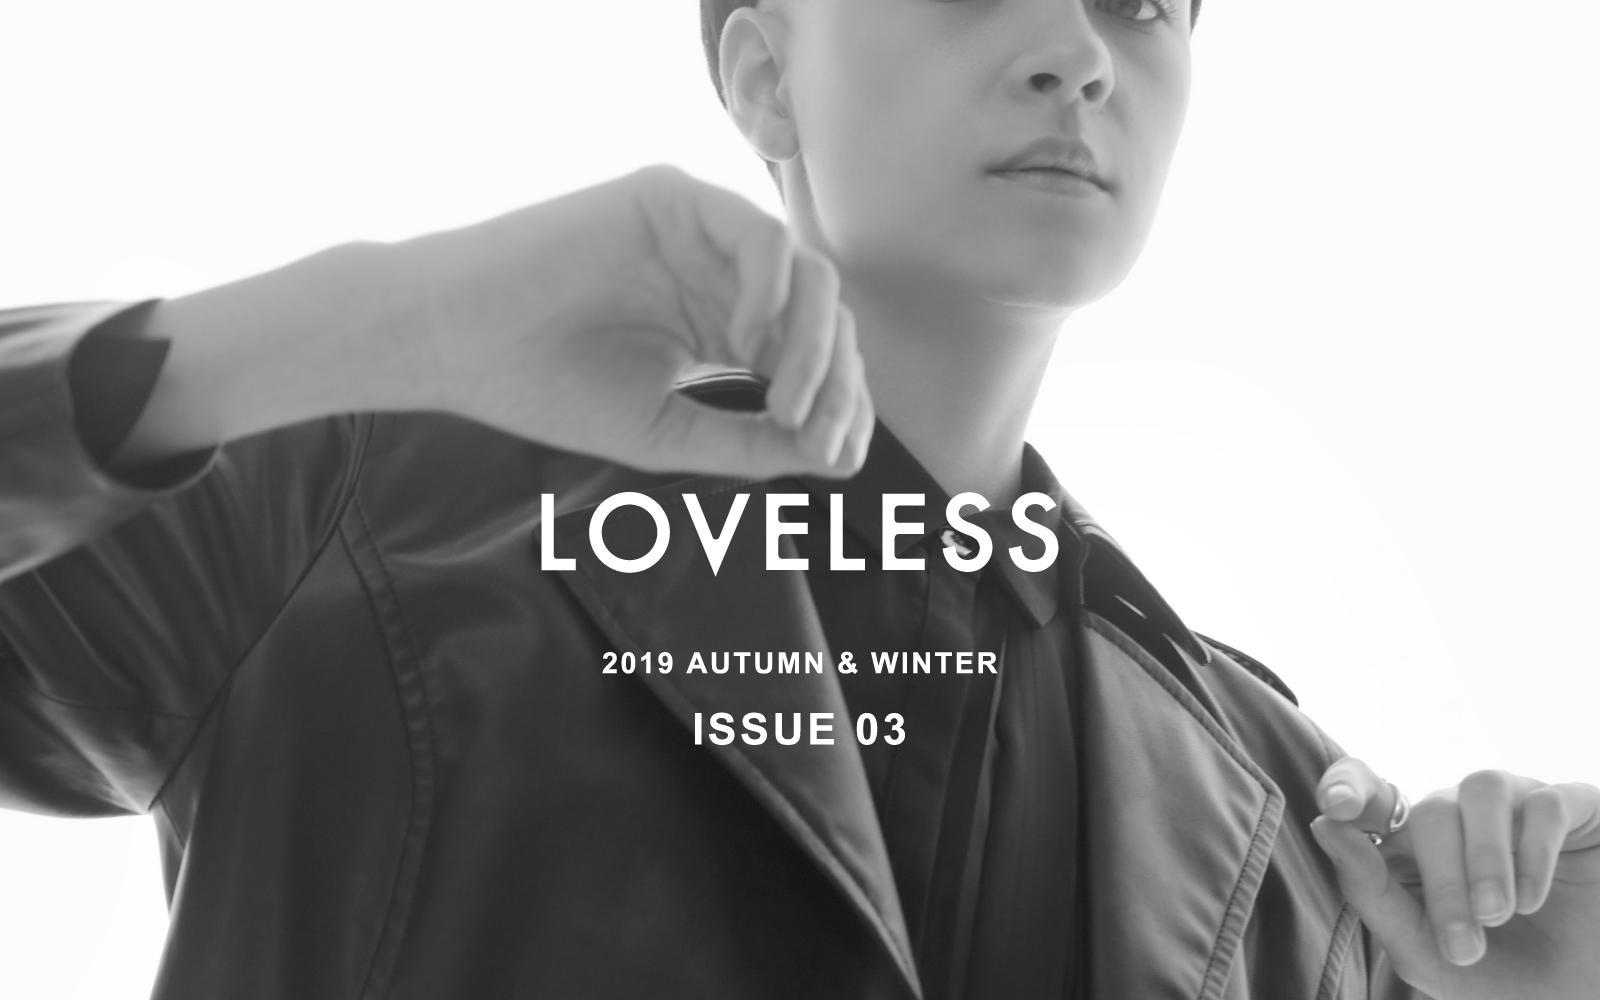 LOVELESS 2019 AUTUMN & WINTER ISSUE 03 - WOMEN'S STYLE -